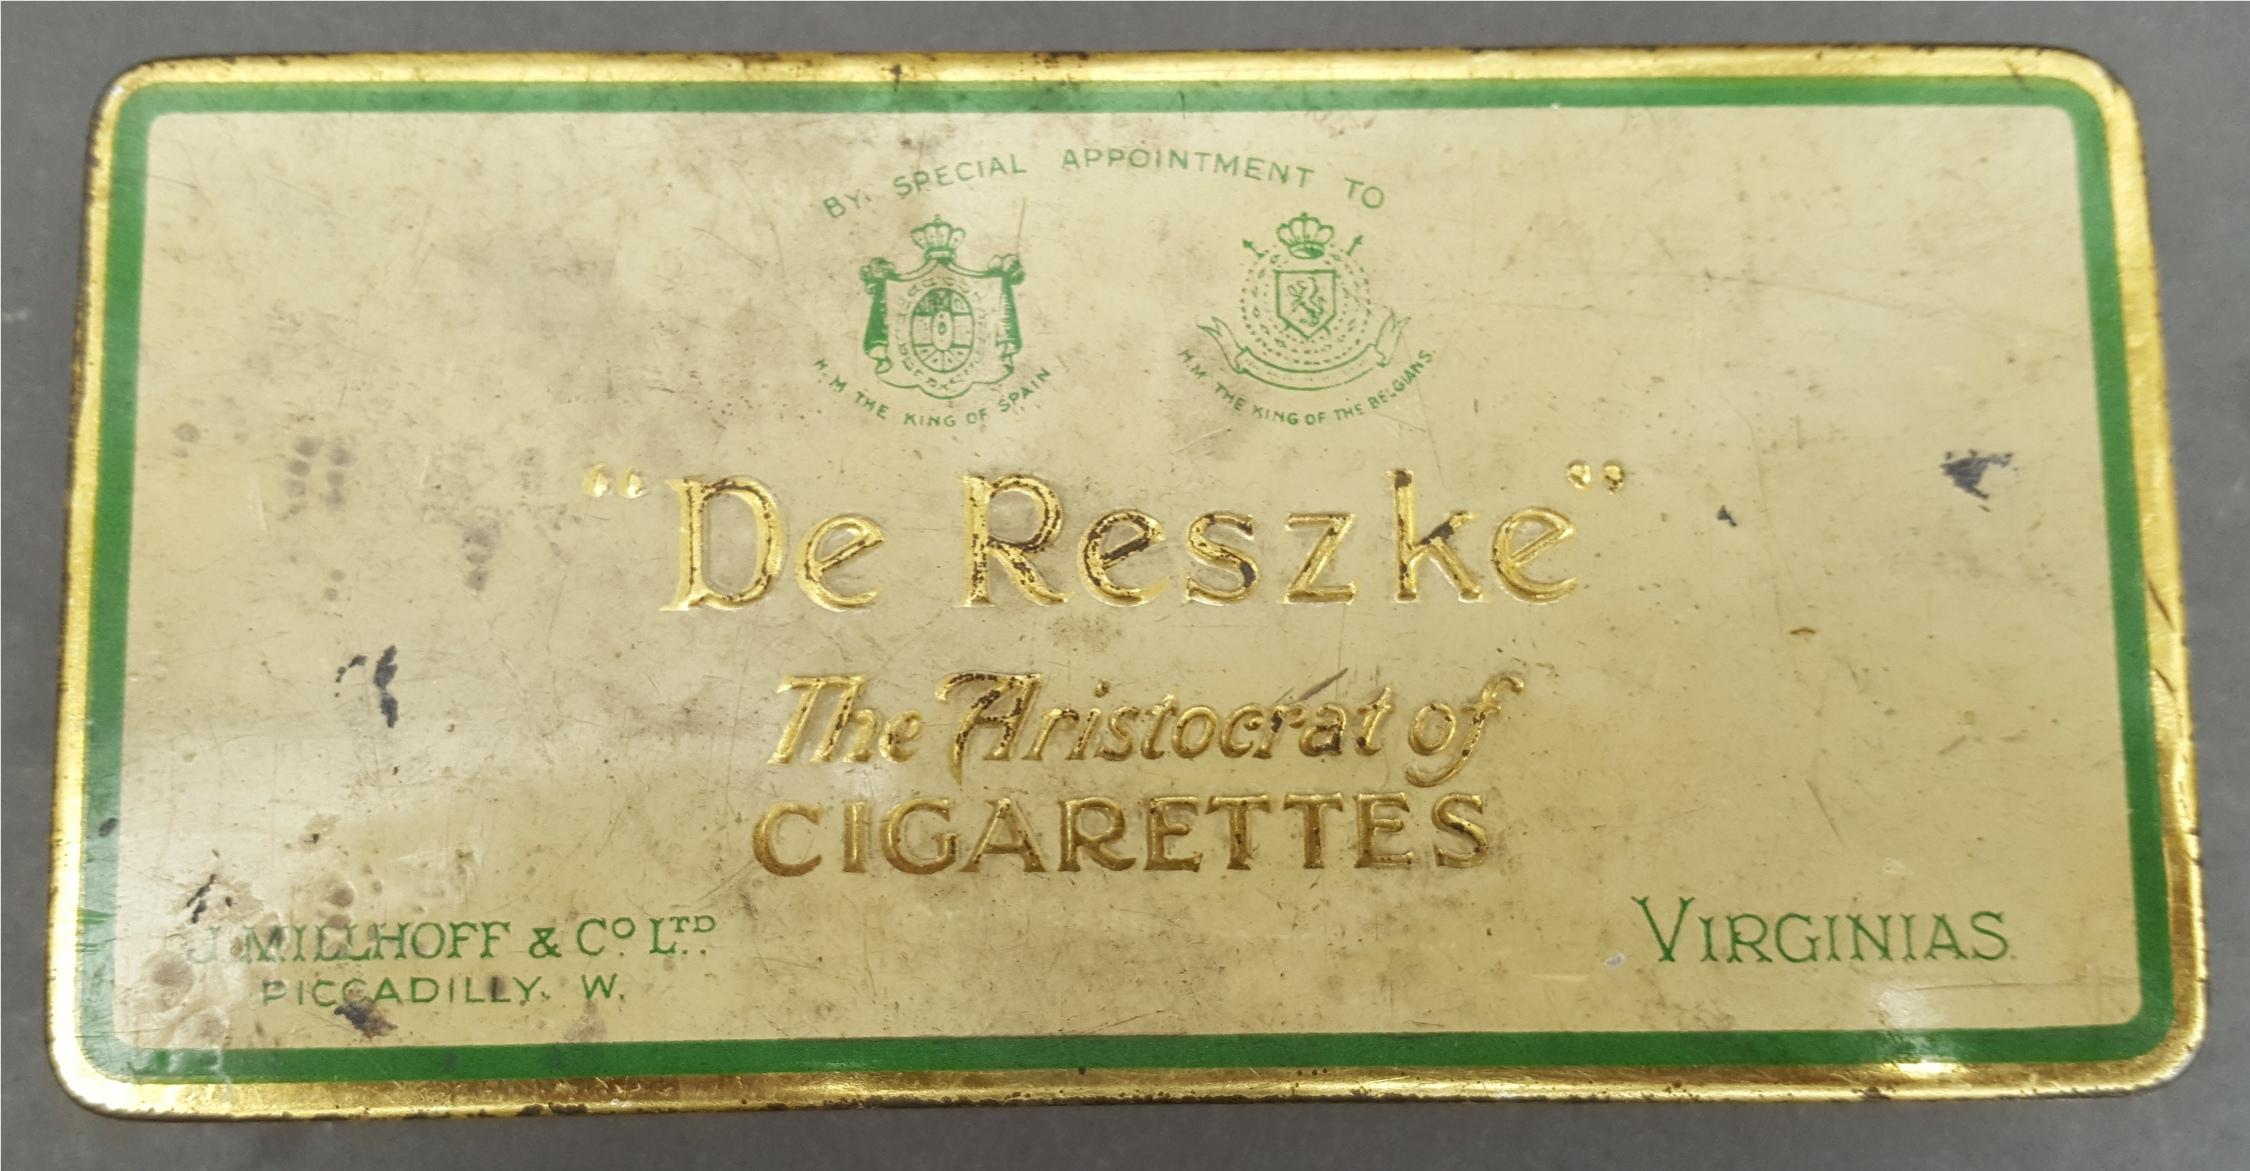 Lot 45 - Antique Vintage Collection of 150 plus Cigarette Cards in a De Reszke Cigarette Tin